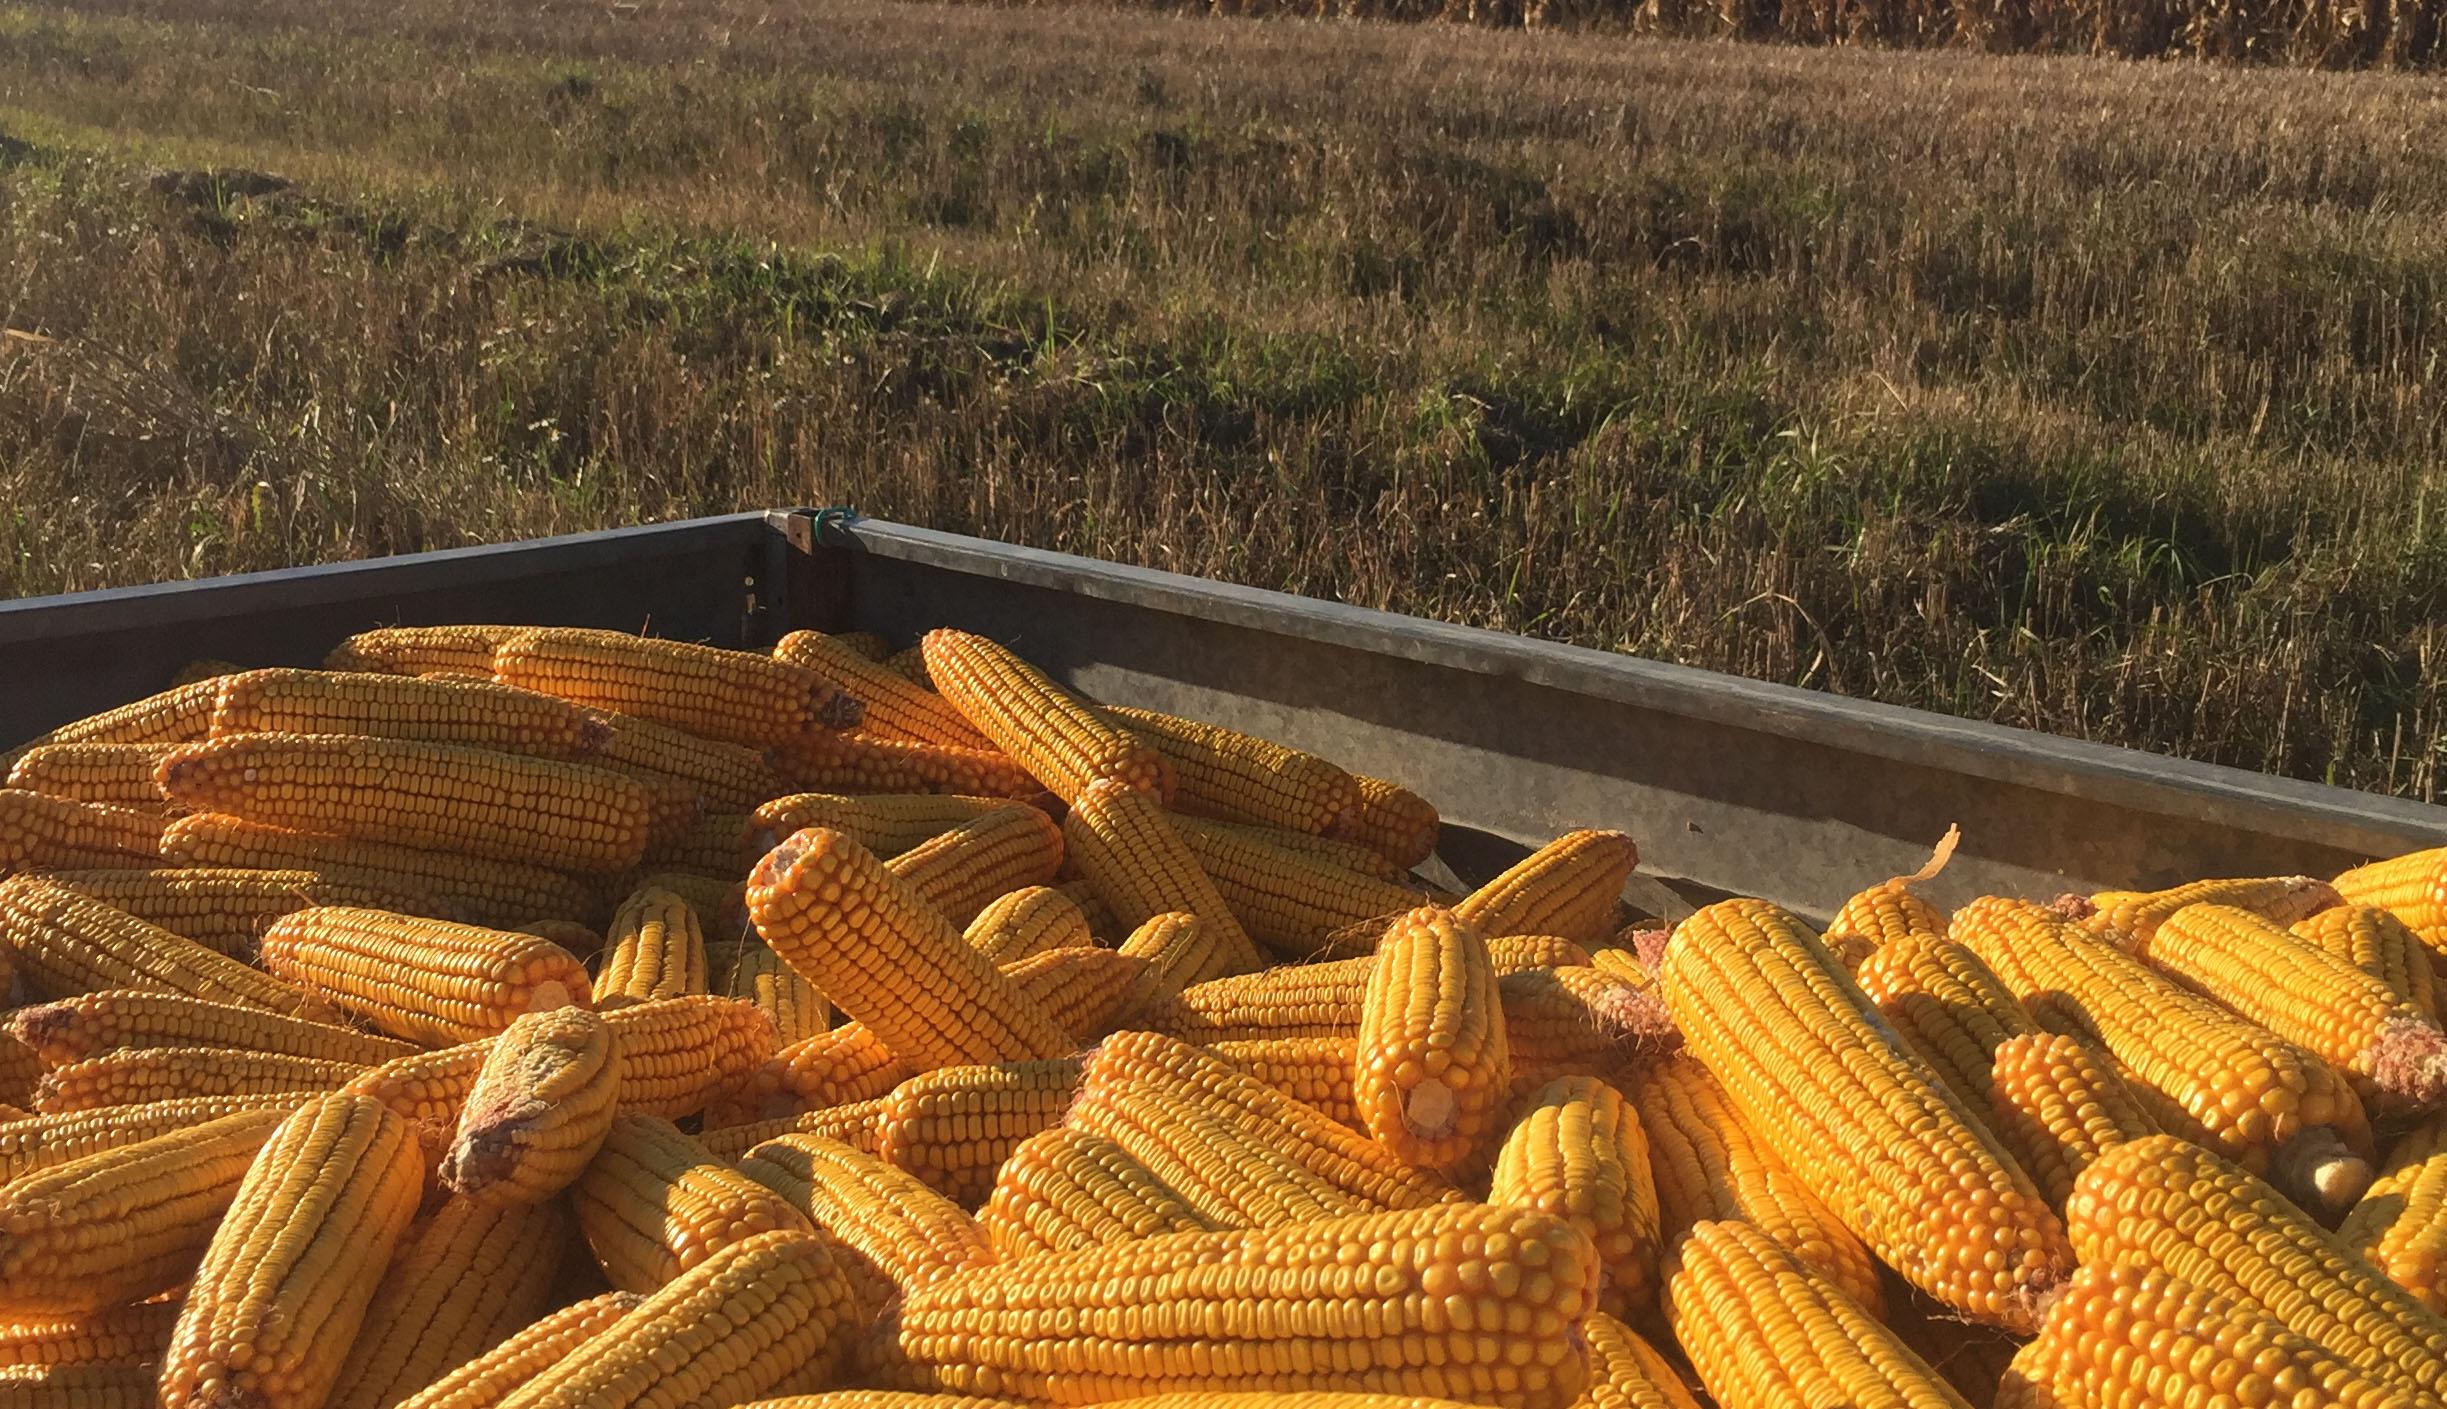 Csaknem 3,4 millió tonna szemes kukoricát exportált Románia az idei első félévben